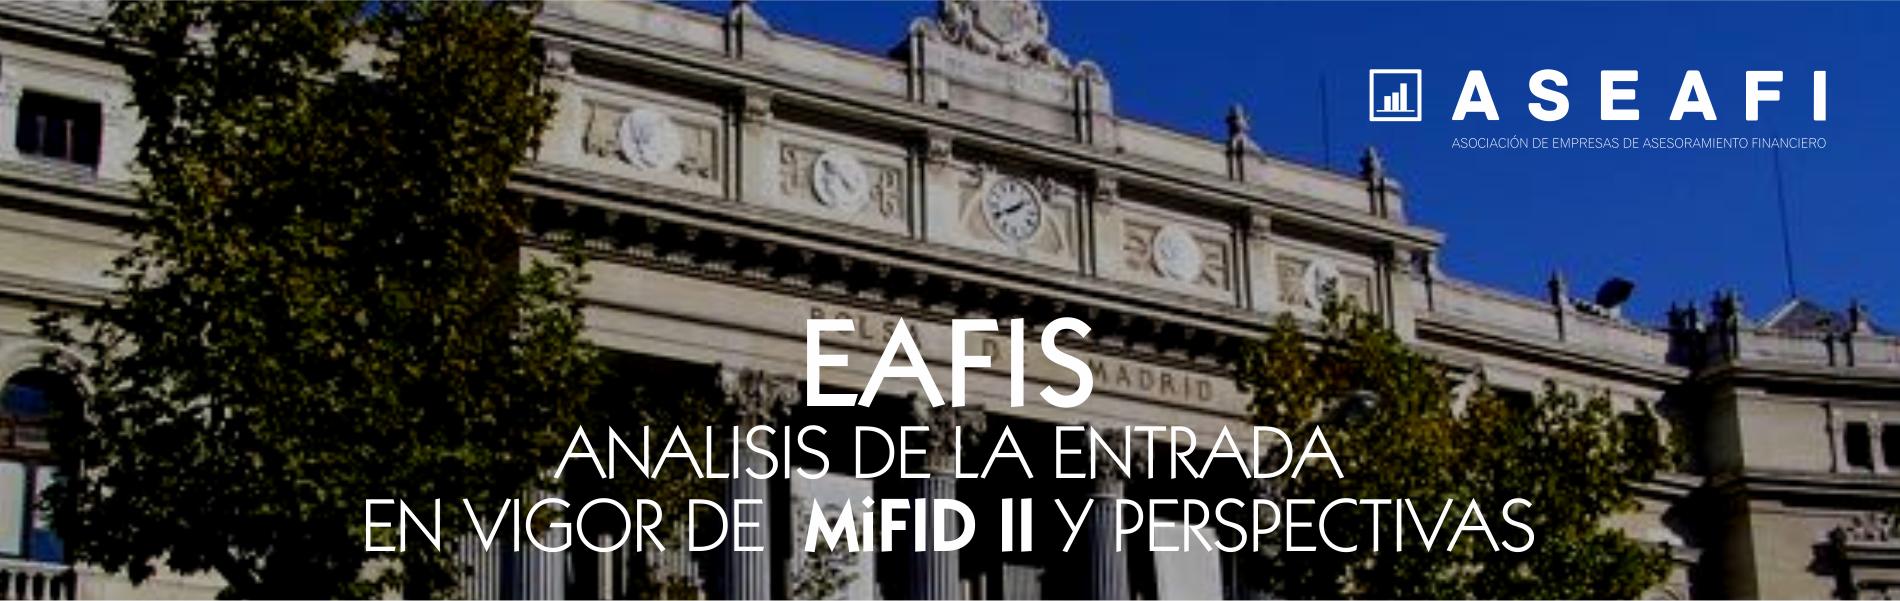 EAFIS. ANÁLISIS DE LA ENTRADA EN VIGOR DE MIFID II Y PERSPECTIVAS